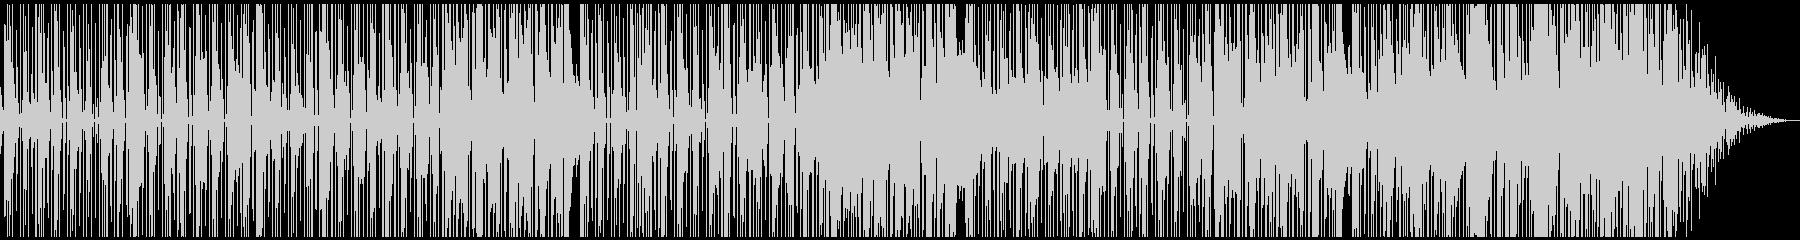 アルトサックスのダークで都会的なファンクの未再生の波形